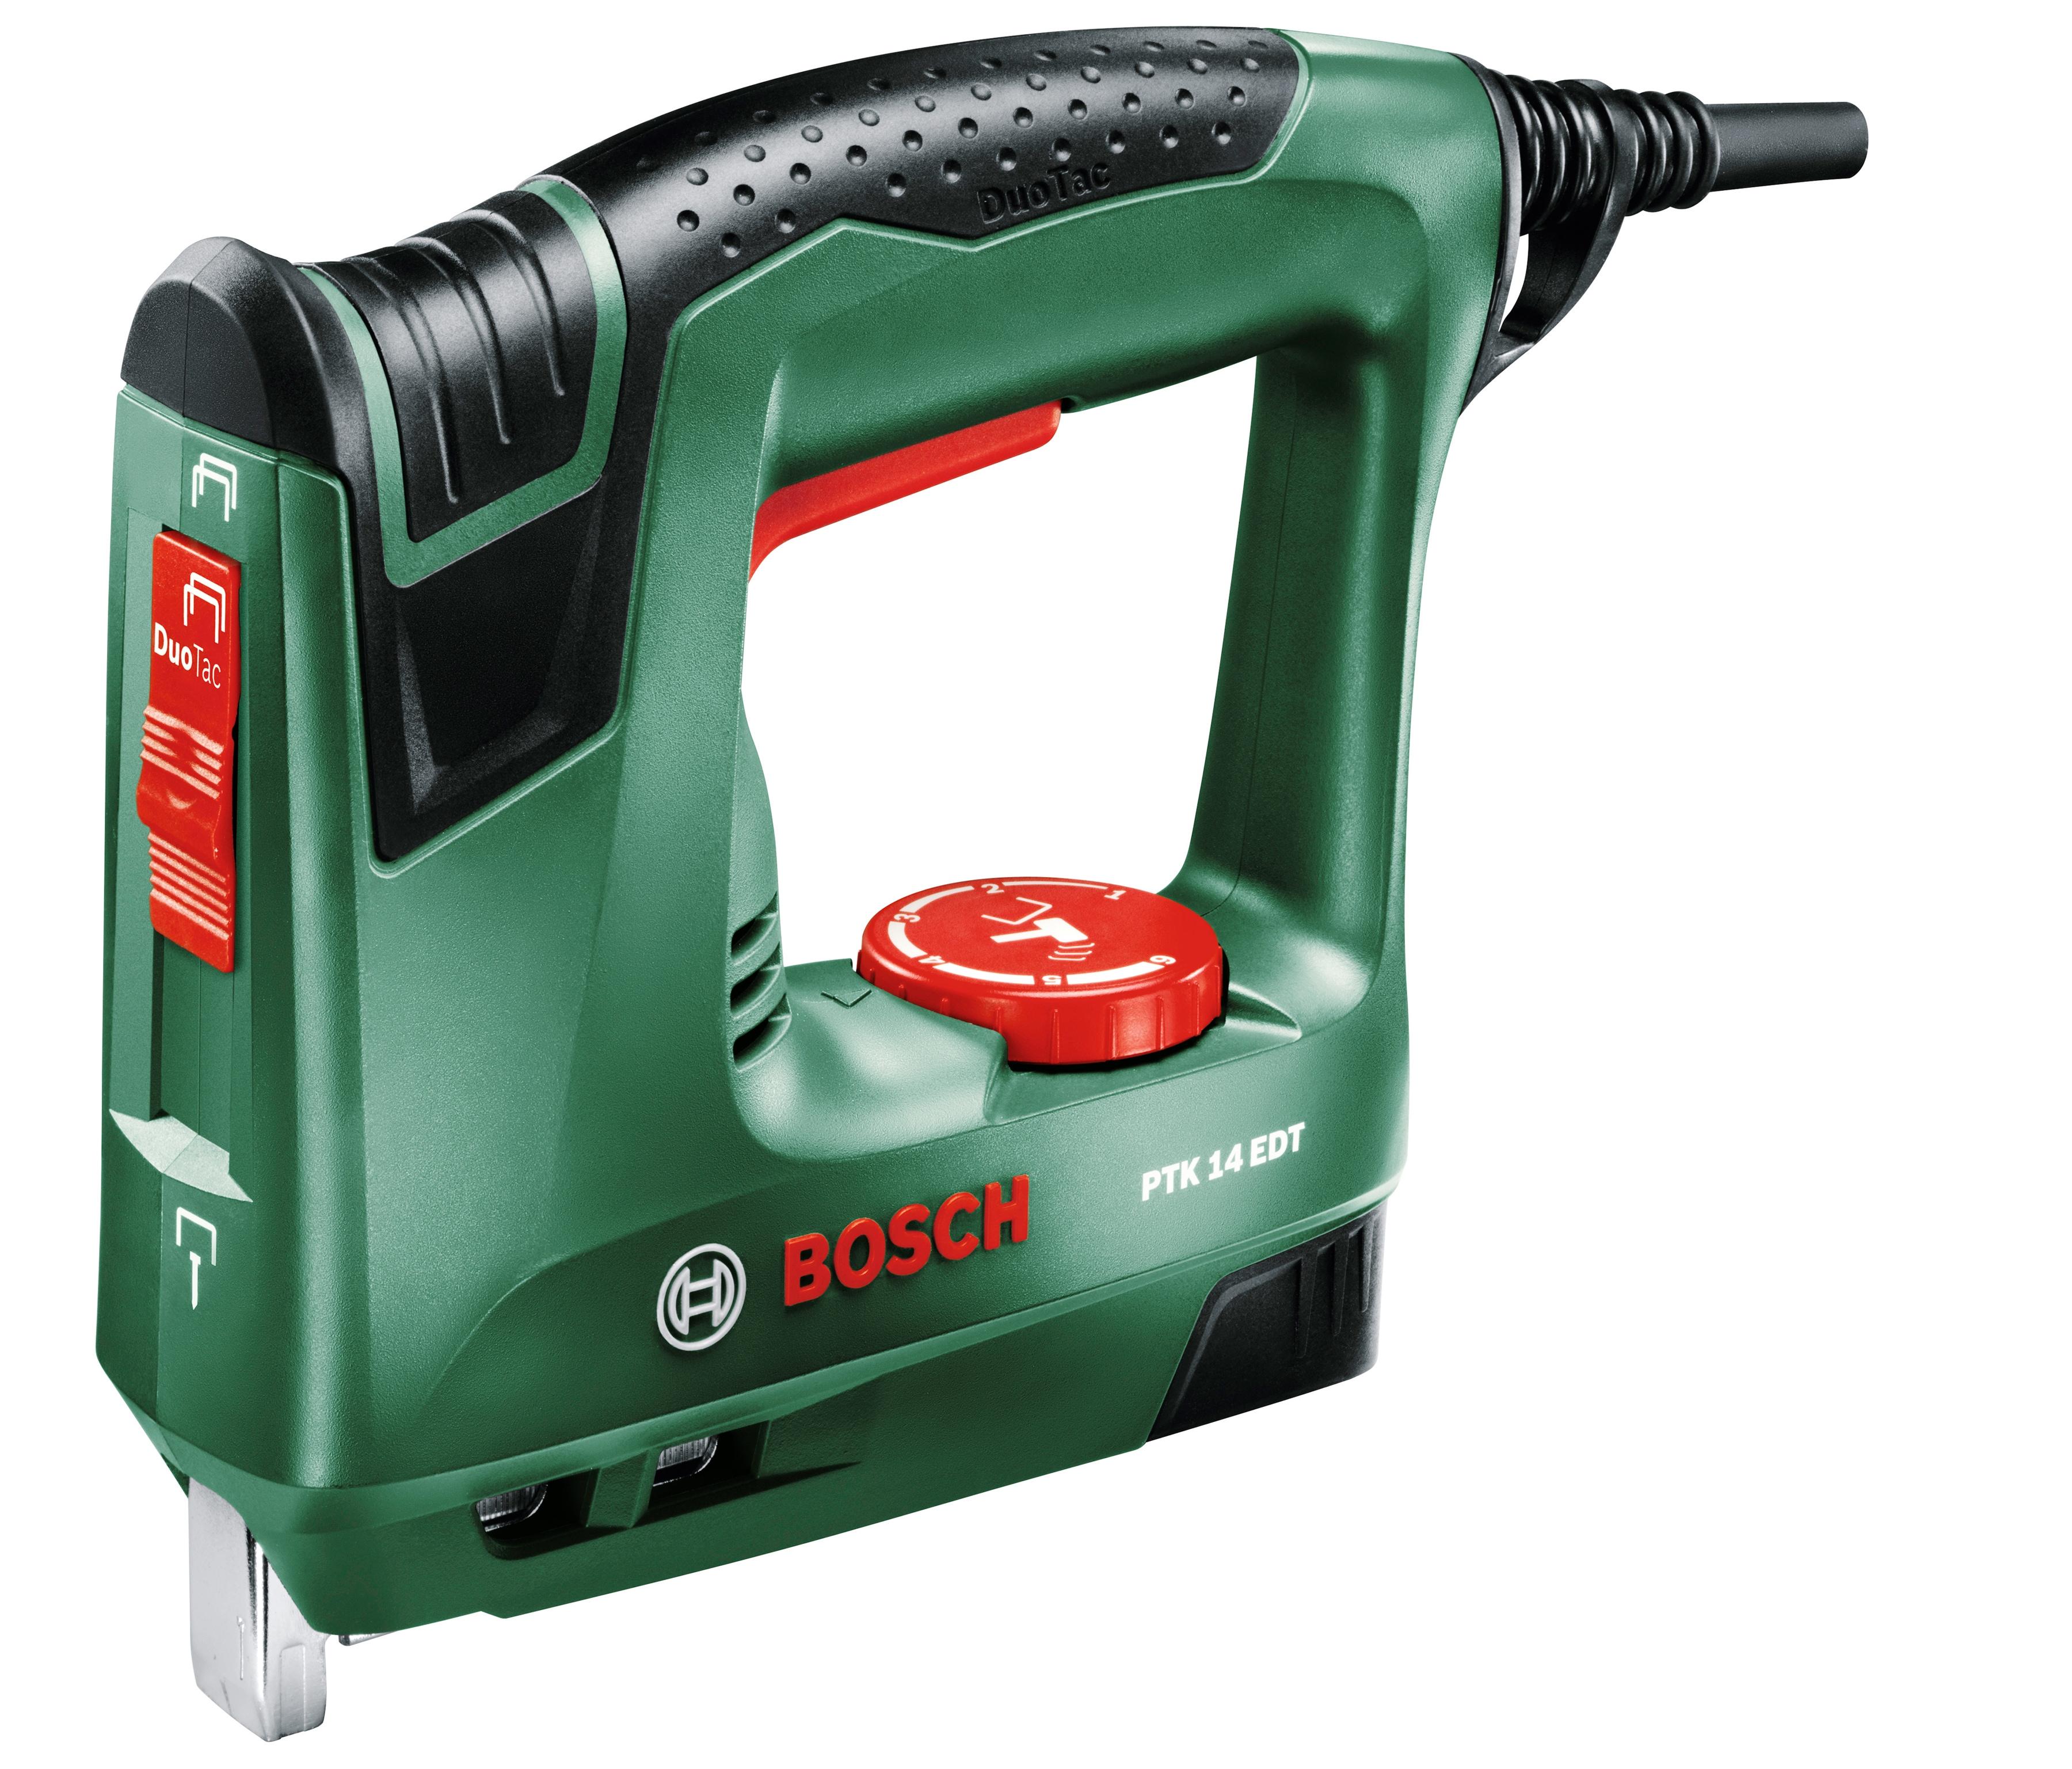 BOSCH Elektro-Tacker PTK 14 EDT grün Tacker Werkzeug Maschinen